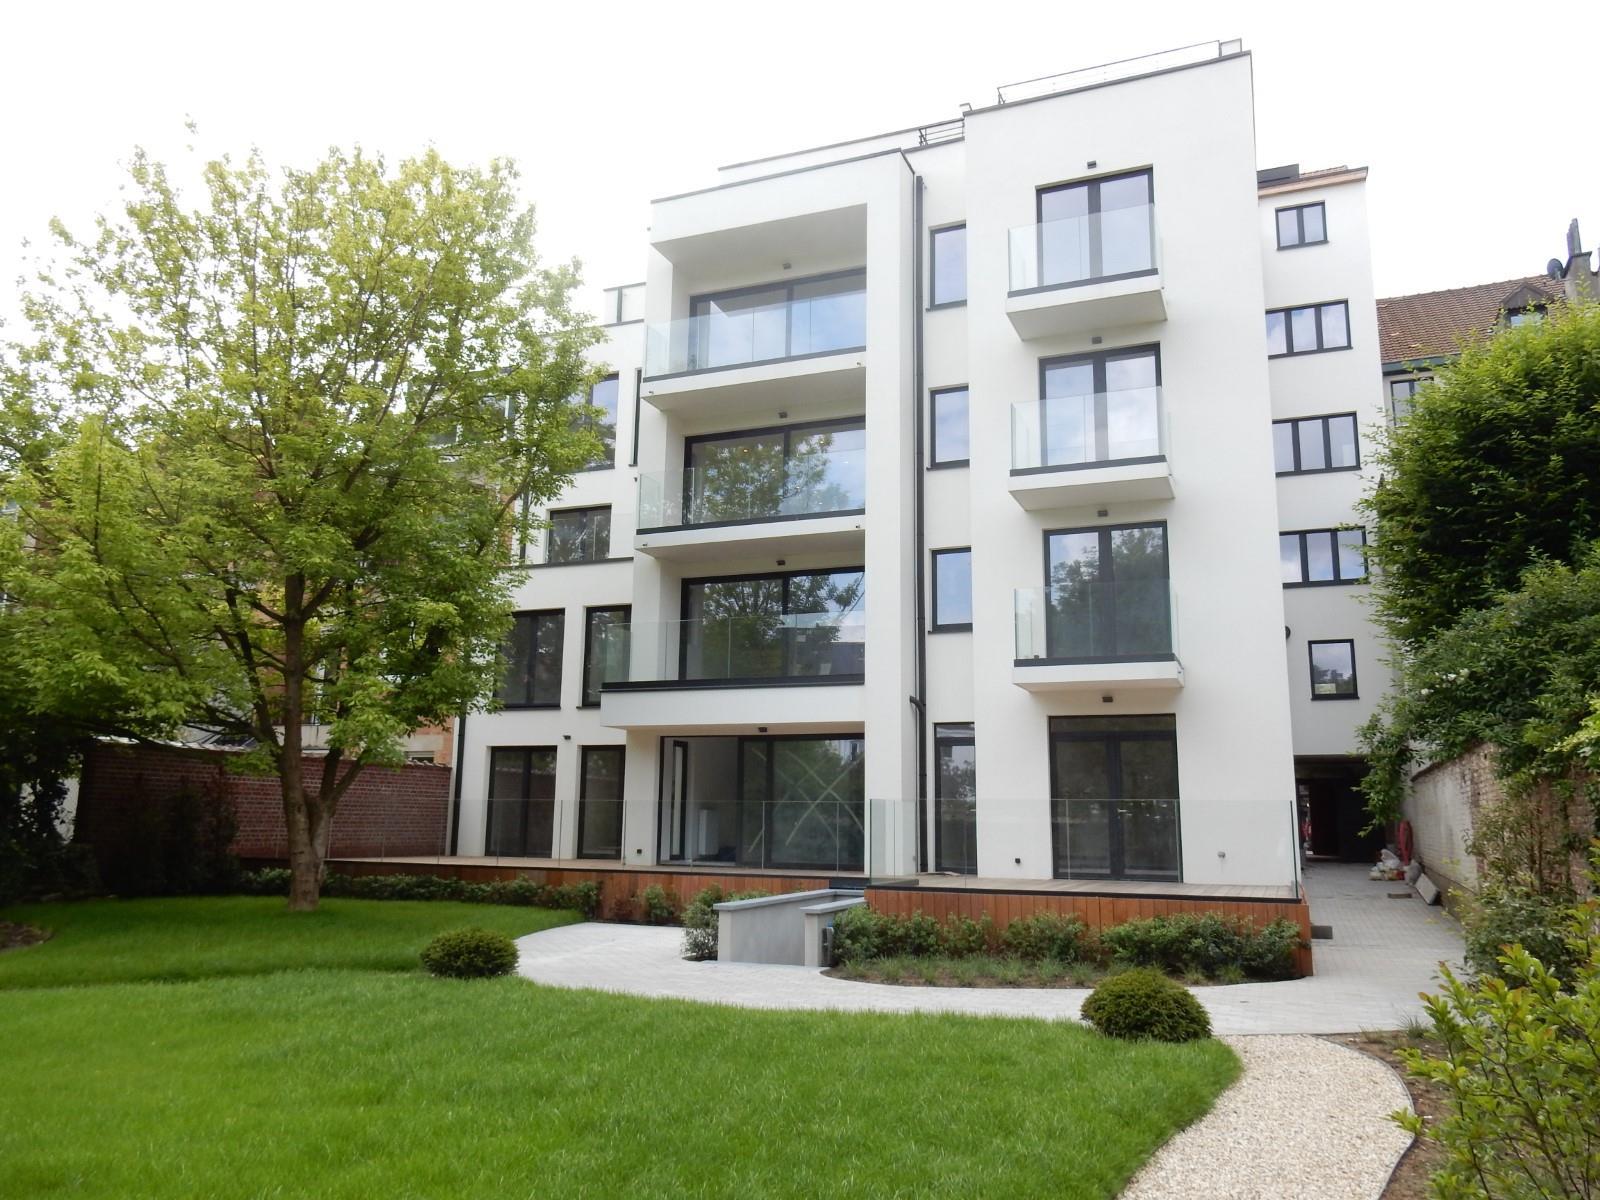 Appartement exceptionnel - Ixelles - #3964982-13